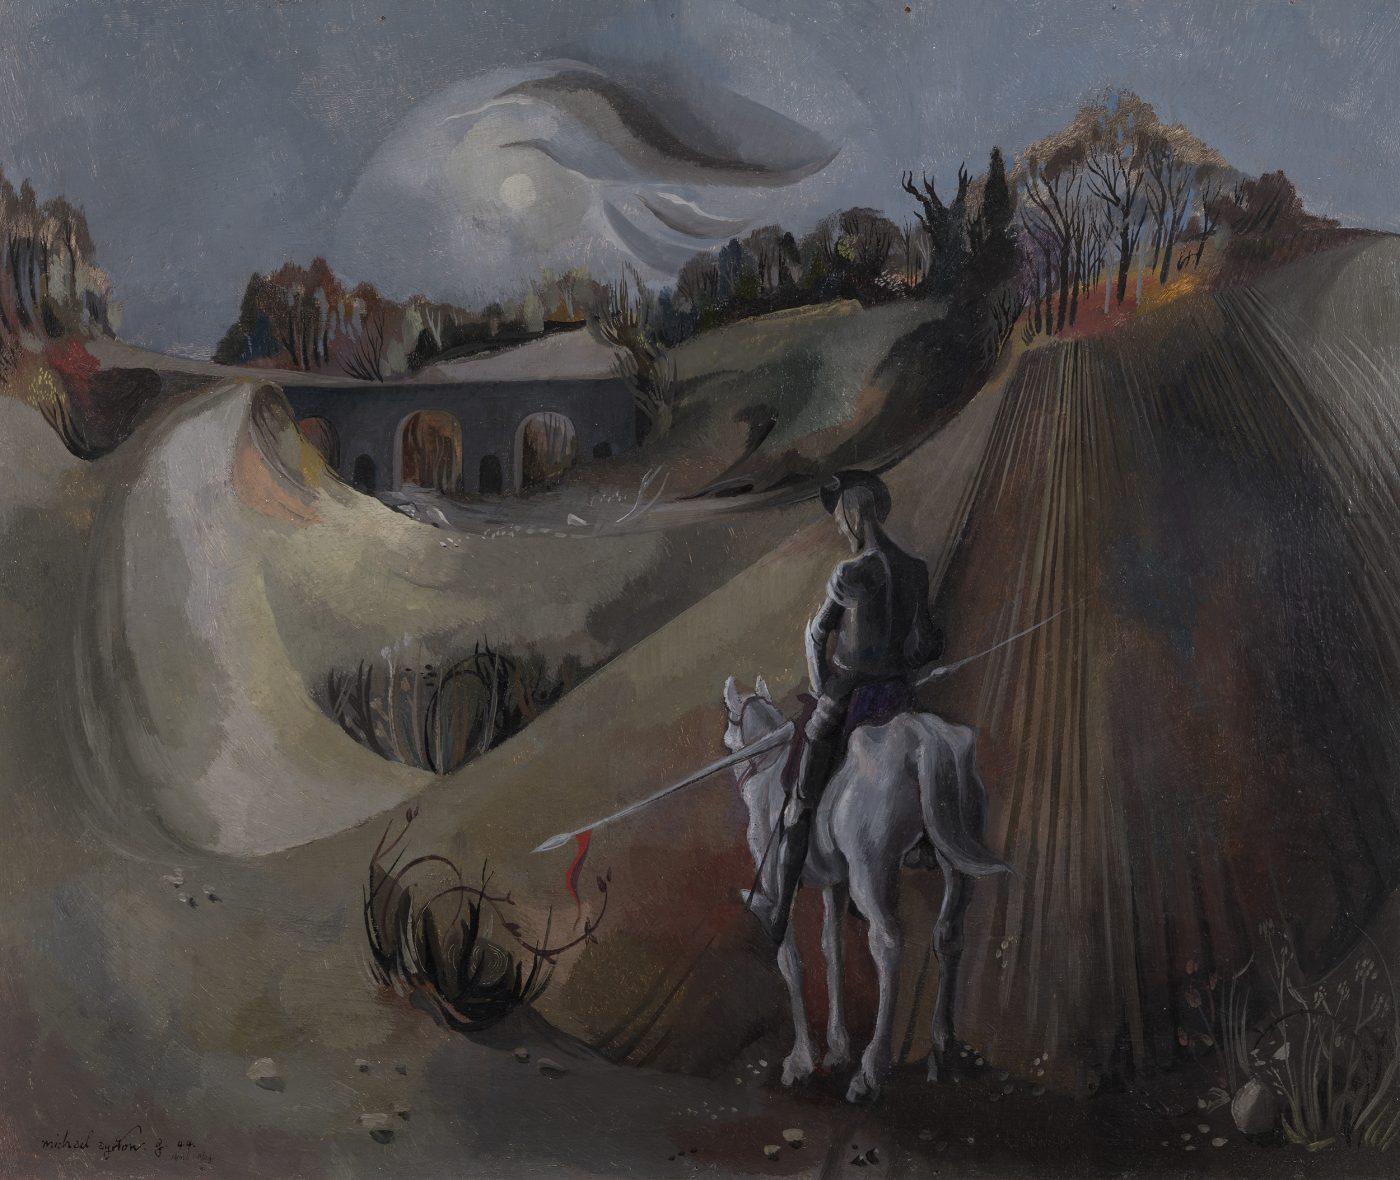 Michael Ayrton (1921-1975), El Desdichado (The Unlucky One)